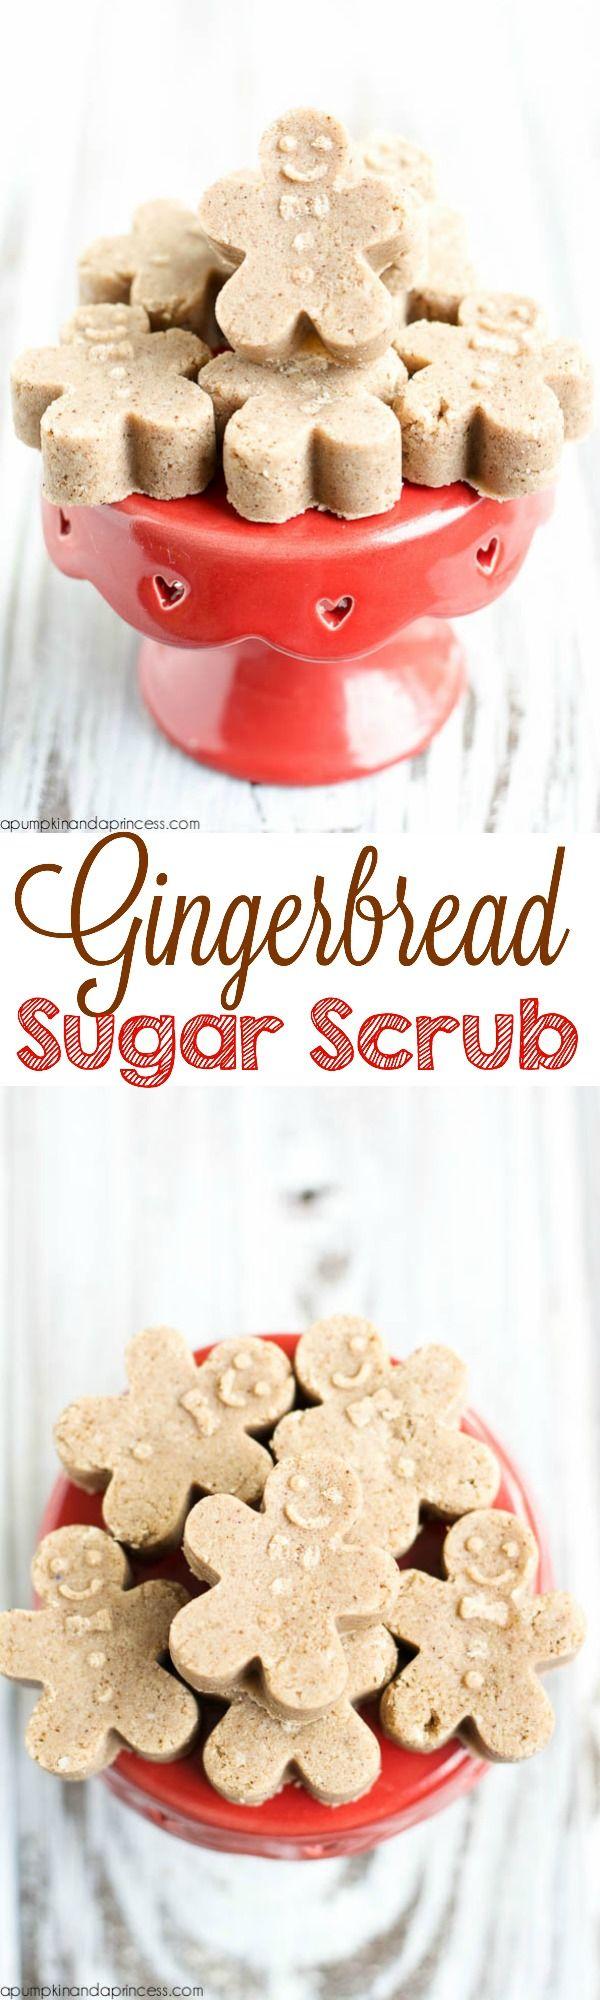 Gingerbread sugar scrub cubes from @crystalowens